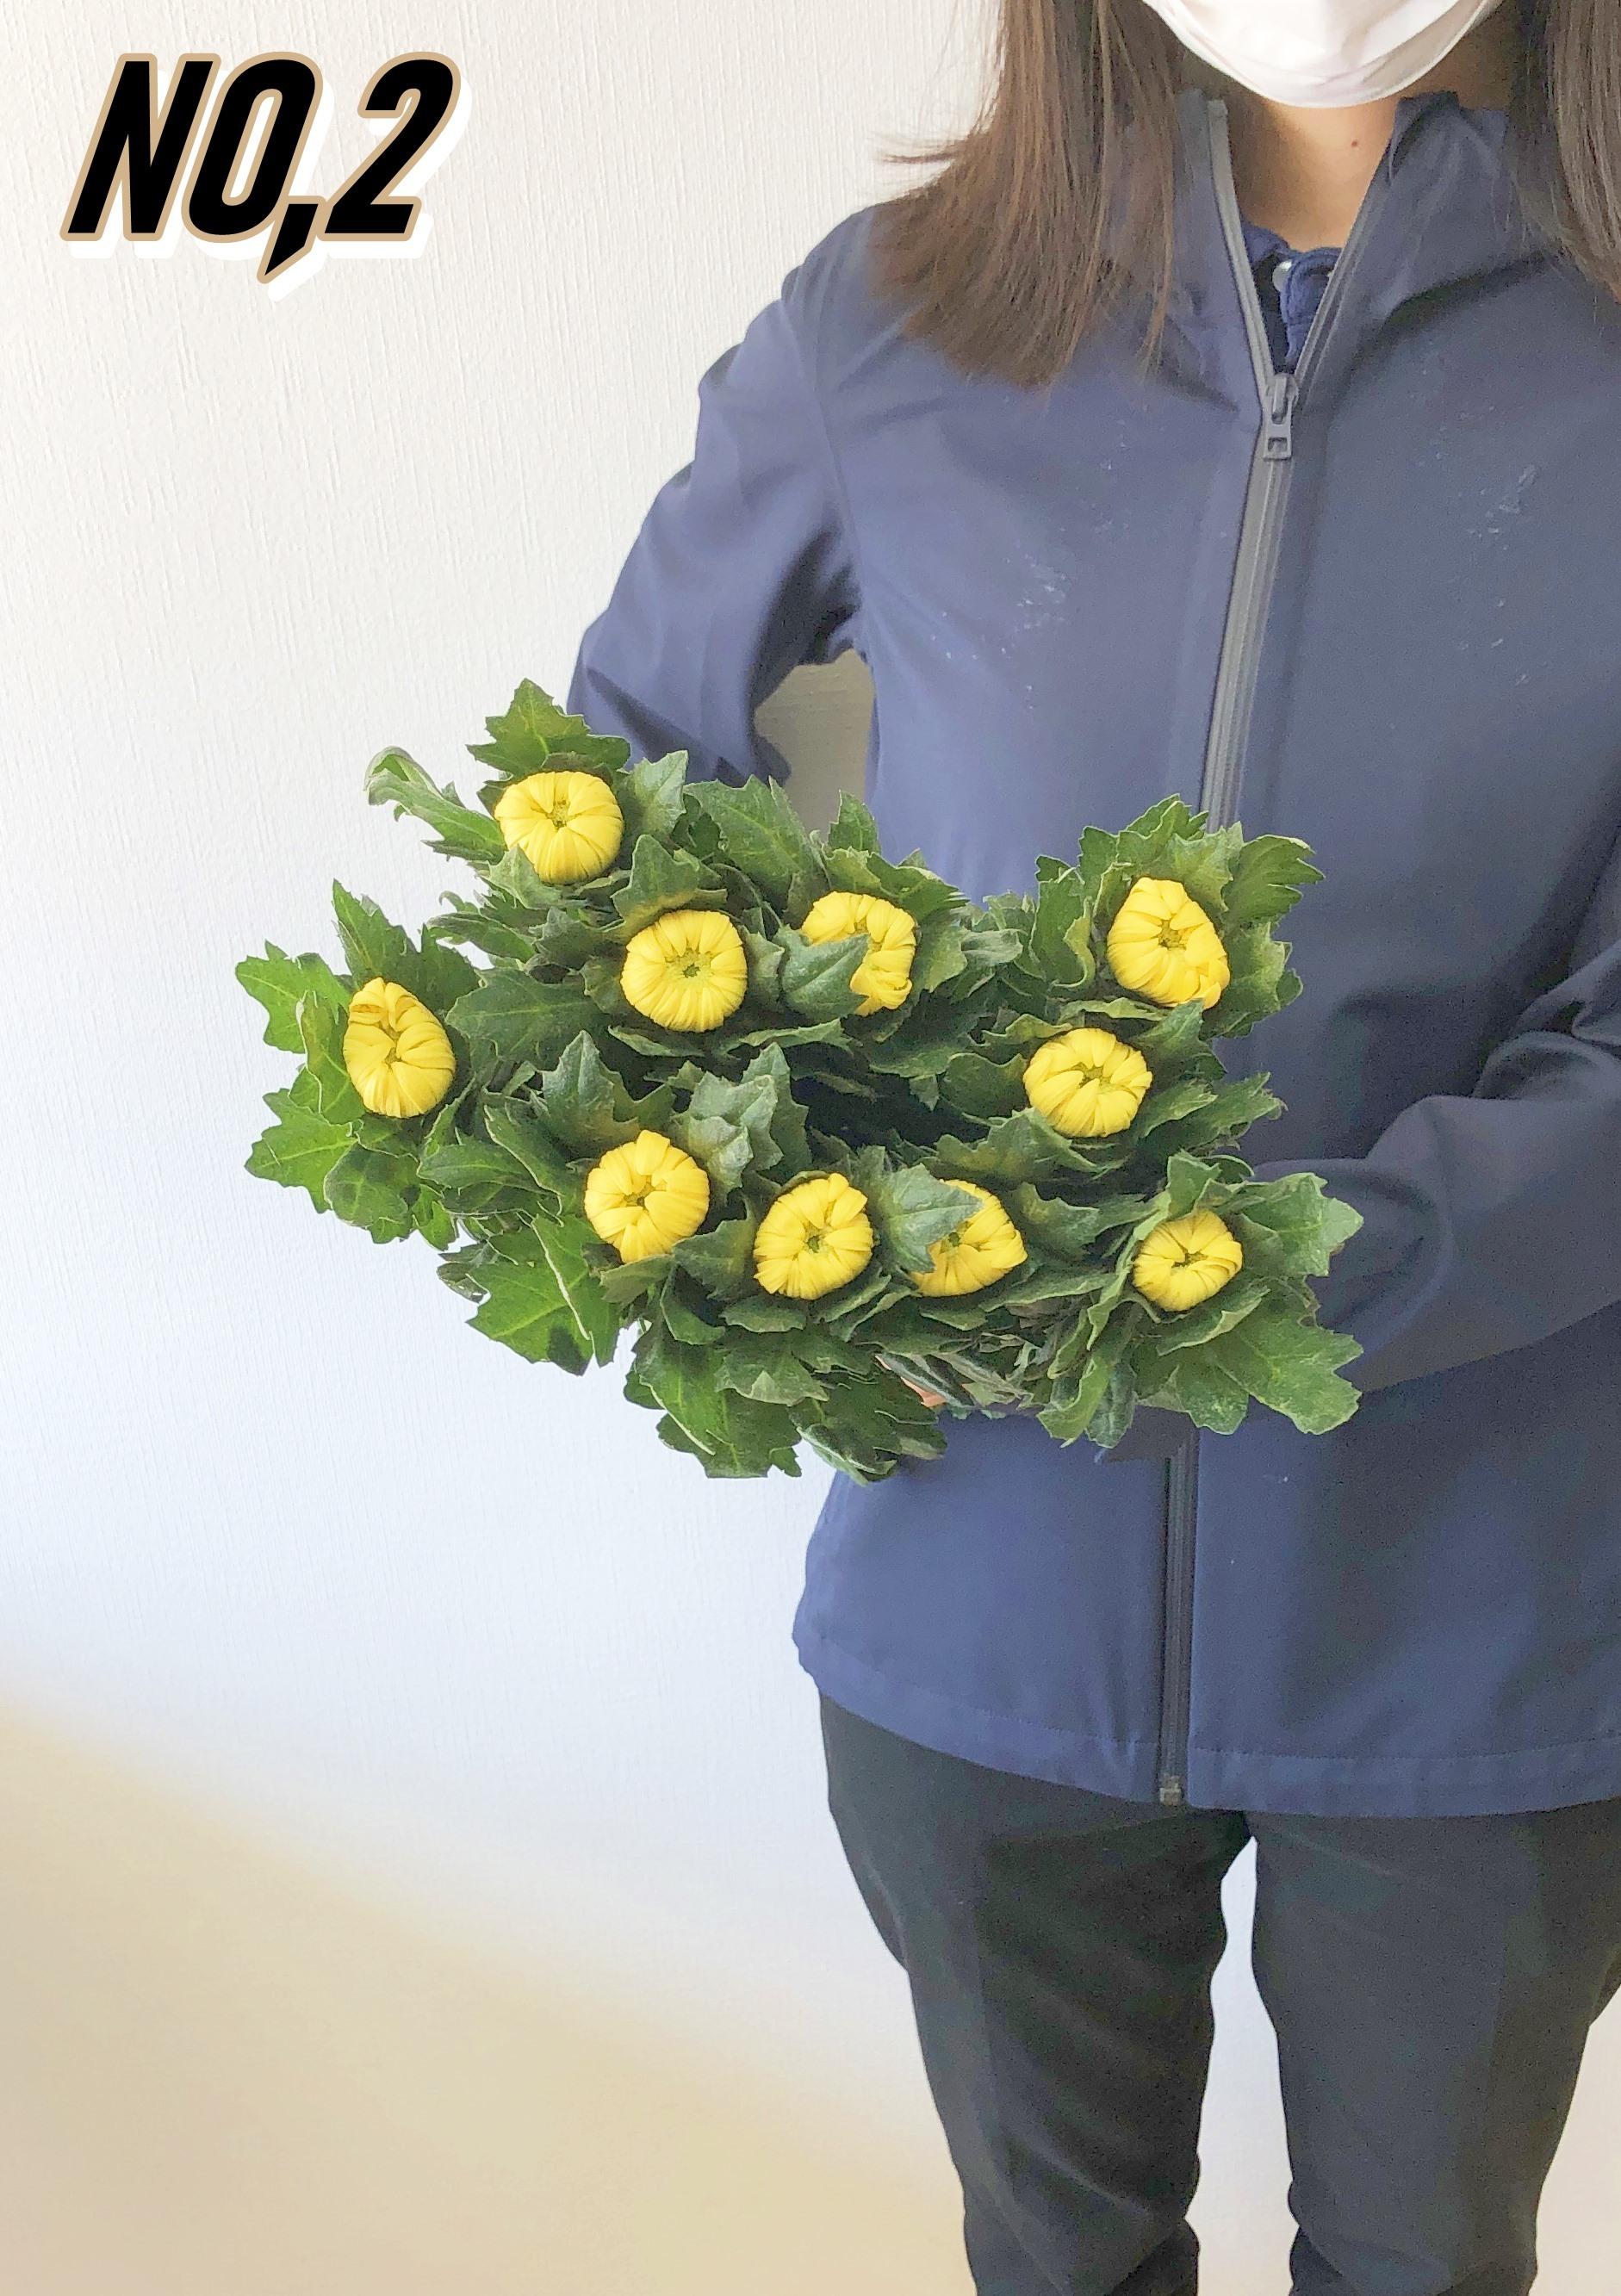 ★送料無料 お墓参りへ行こう!国産お供え花シェアBOX30 №1【ロスフラワー救済!】